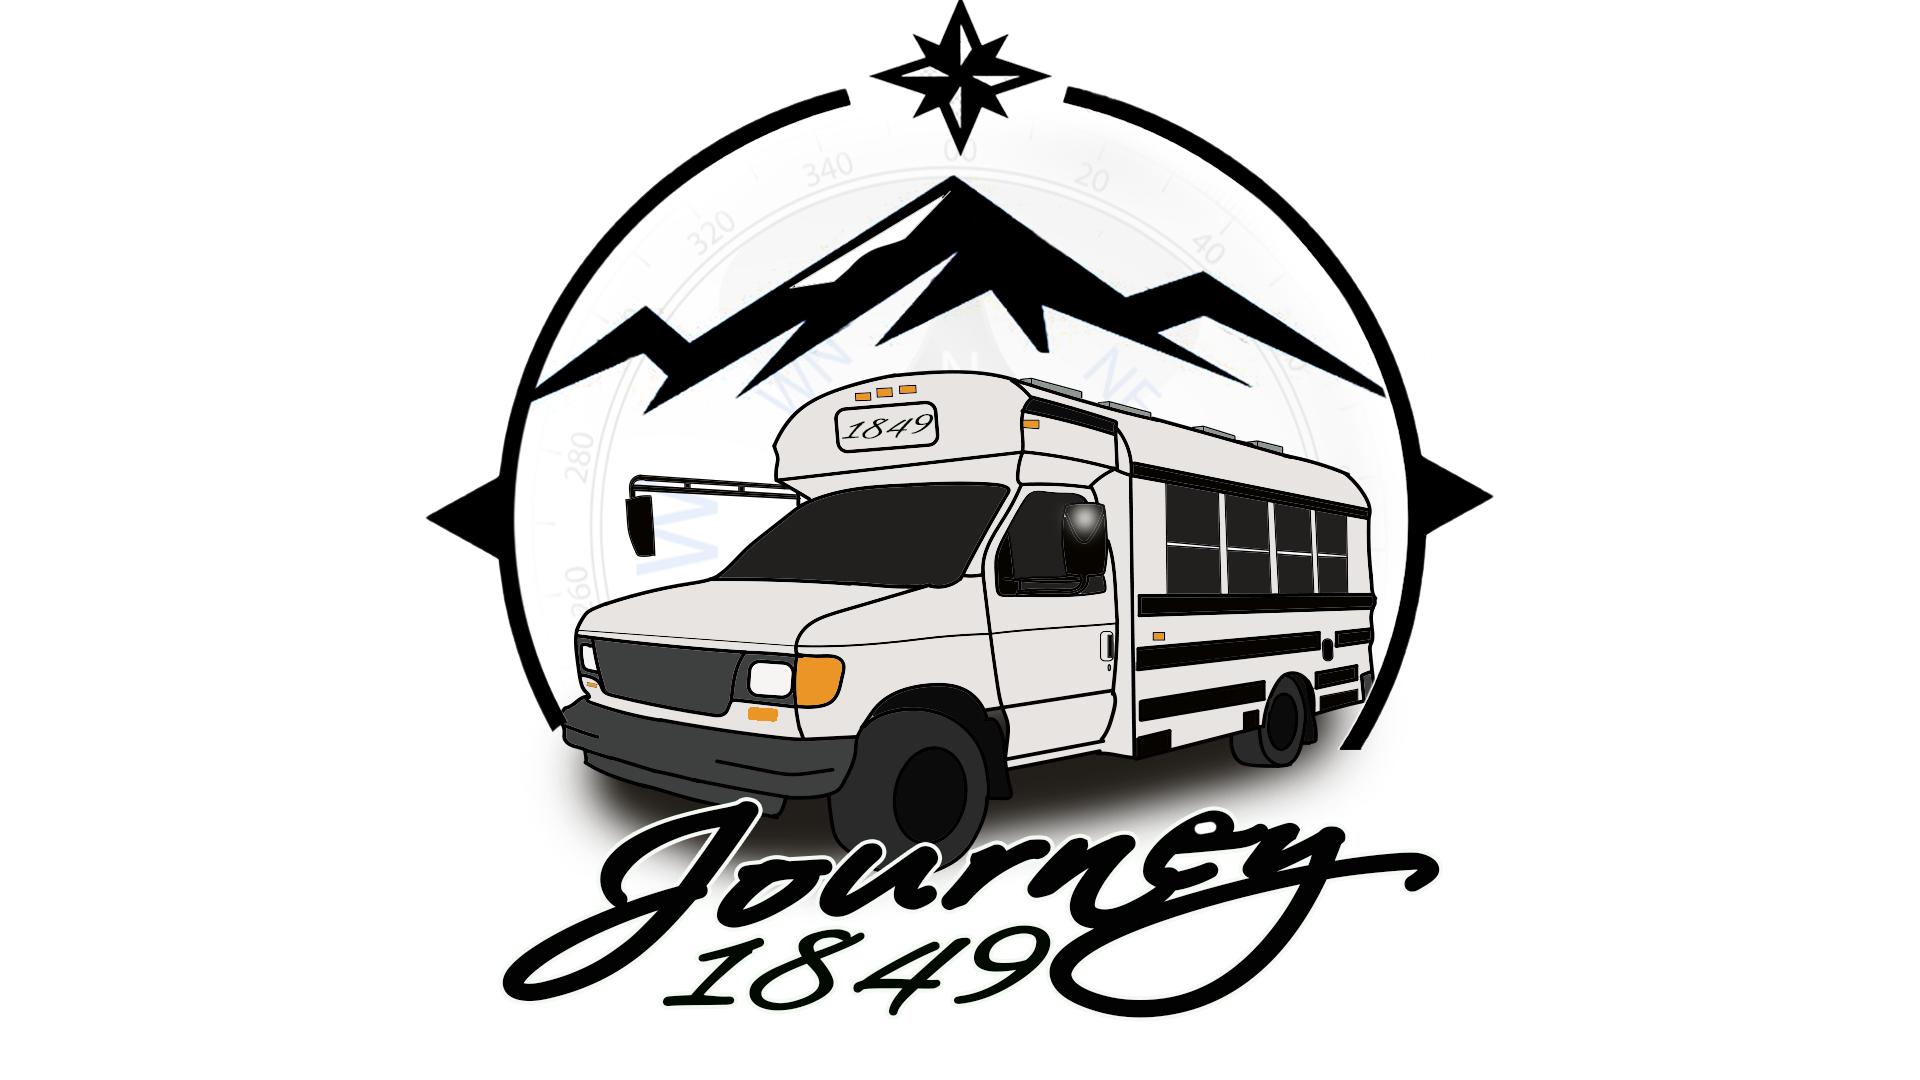 Journey 1849 new logo design.